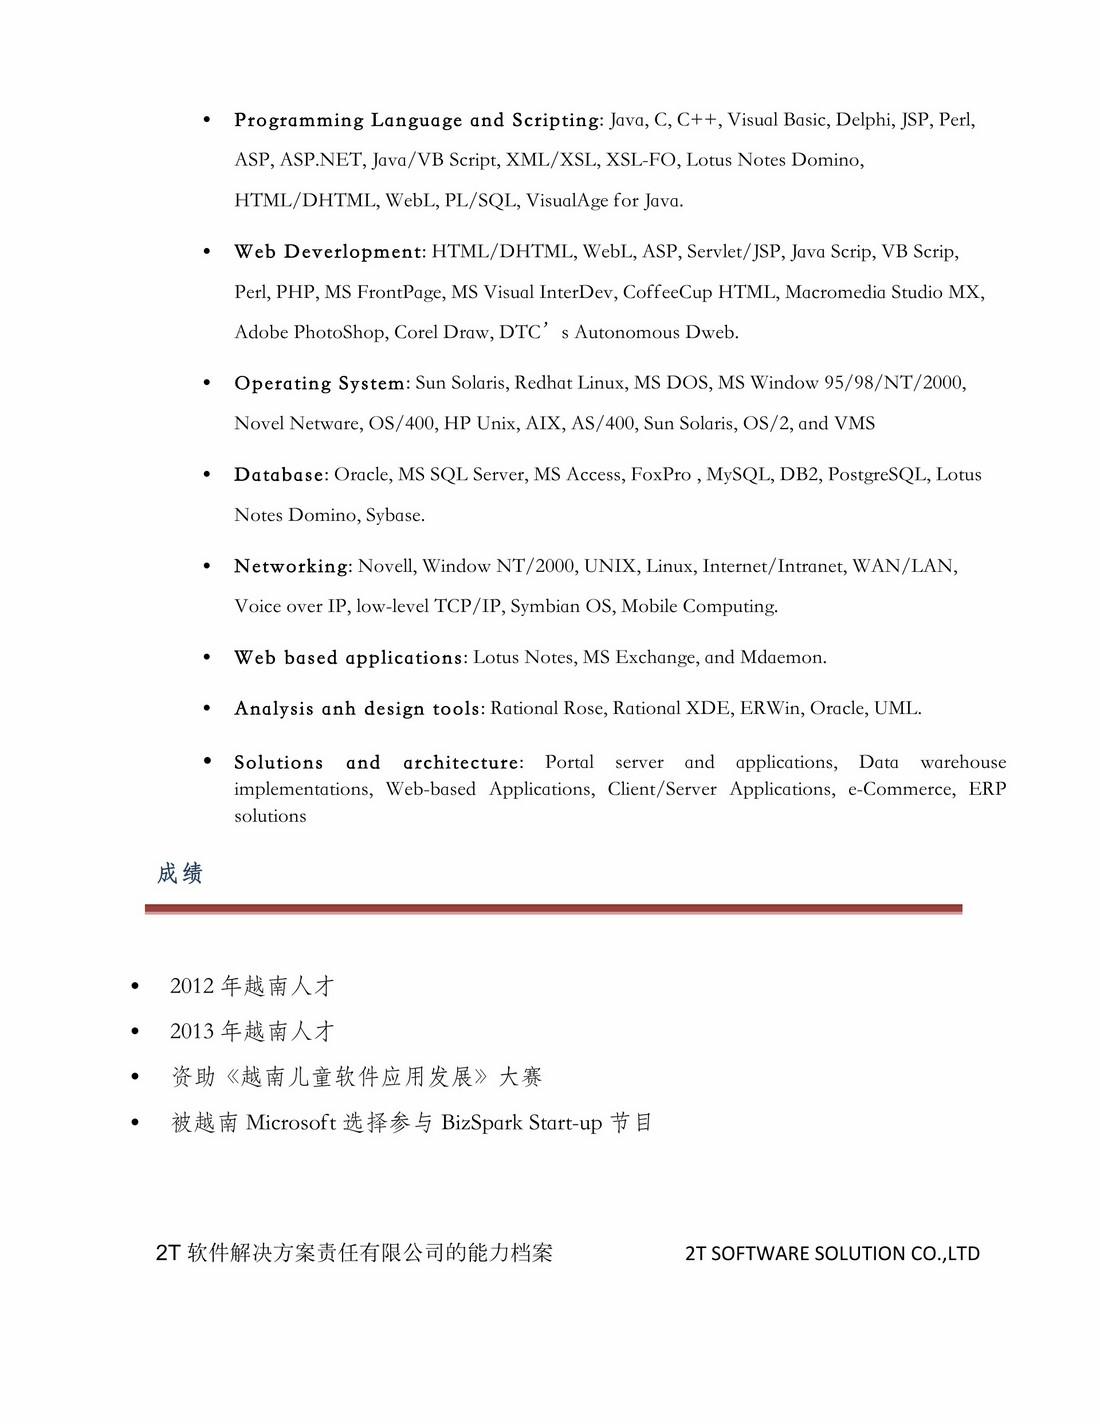 PDFtoJPG.me-12 (Copy)